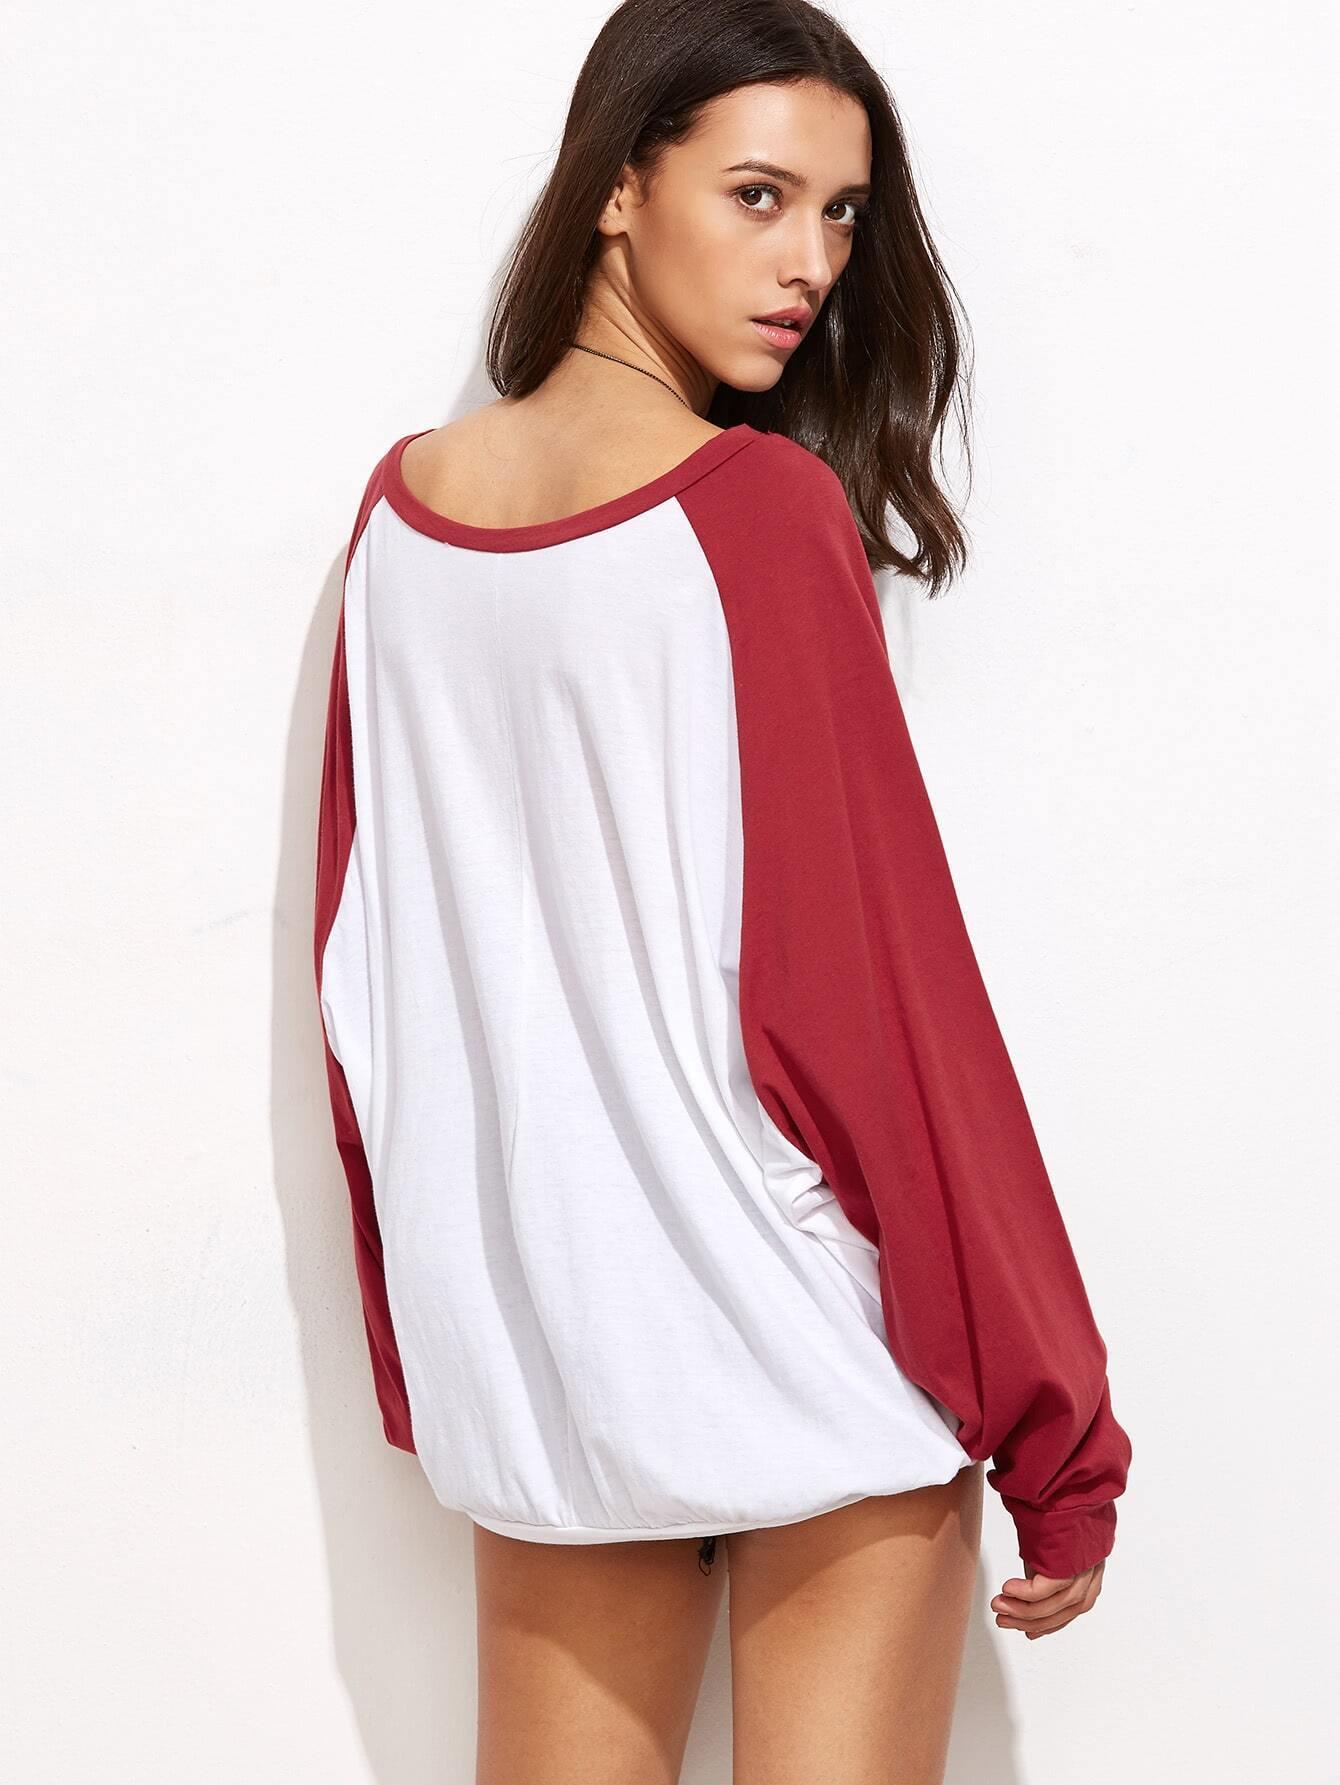 sweatshirt160909401_2